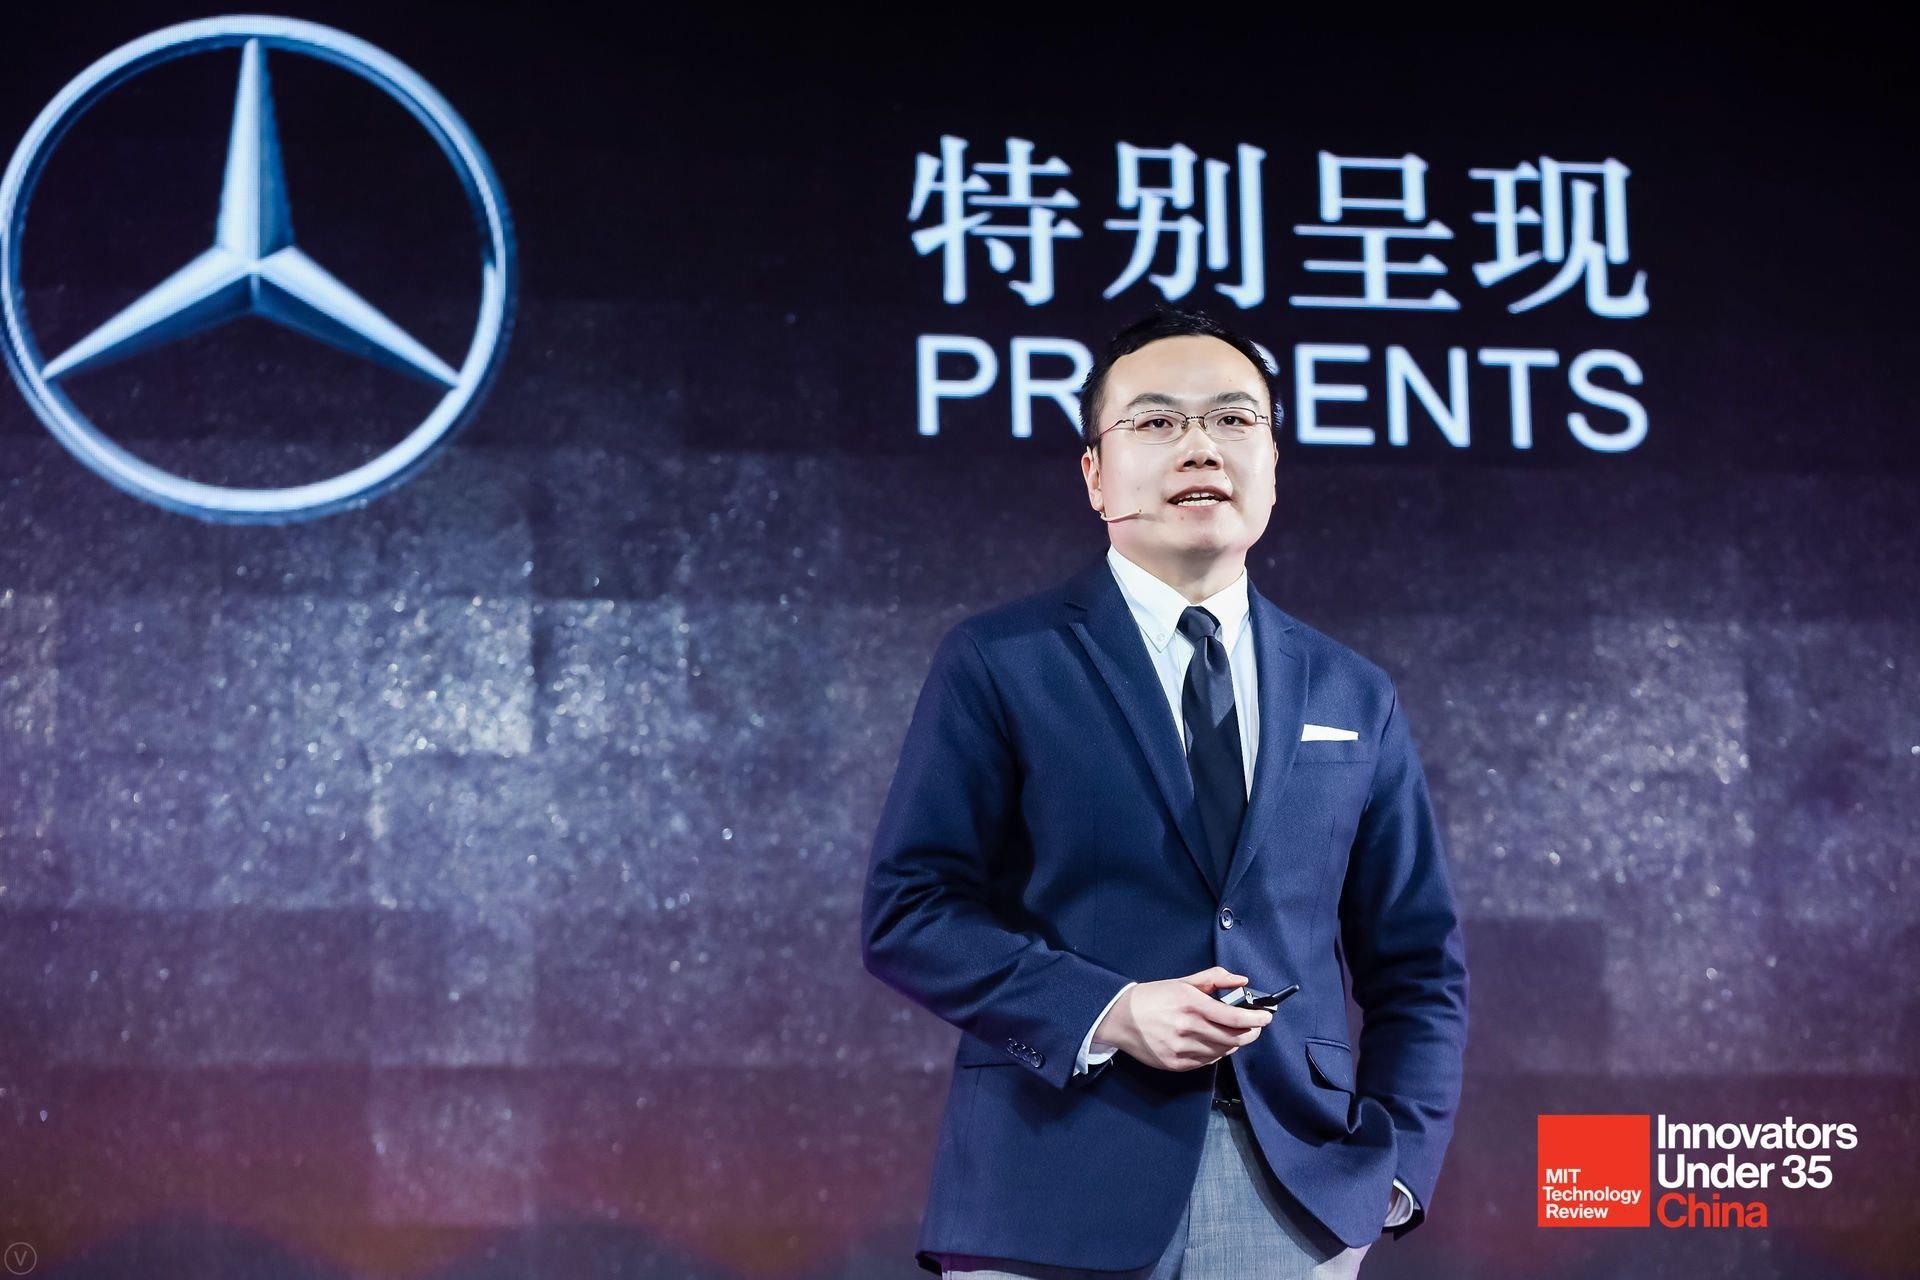 Dr. Siyuan Wang